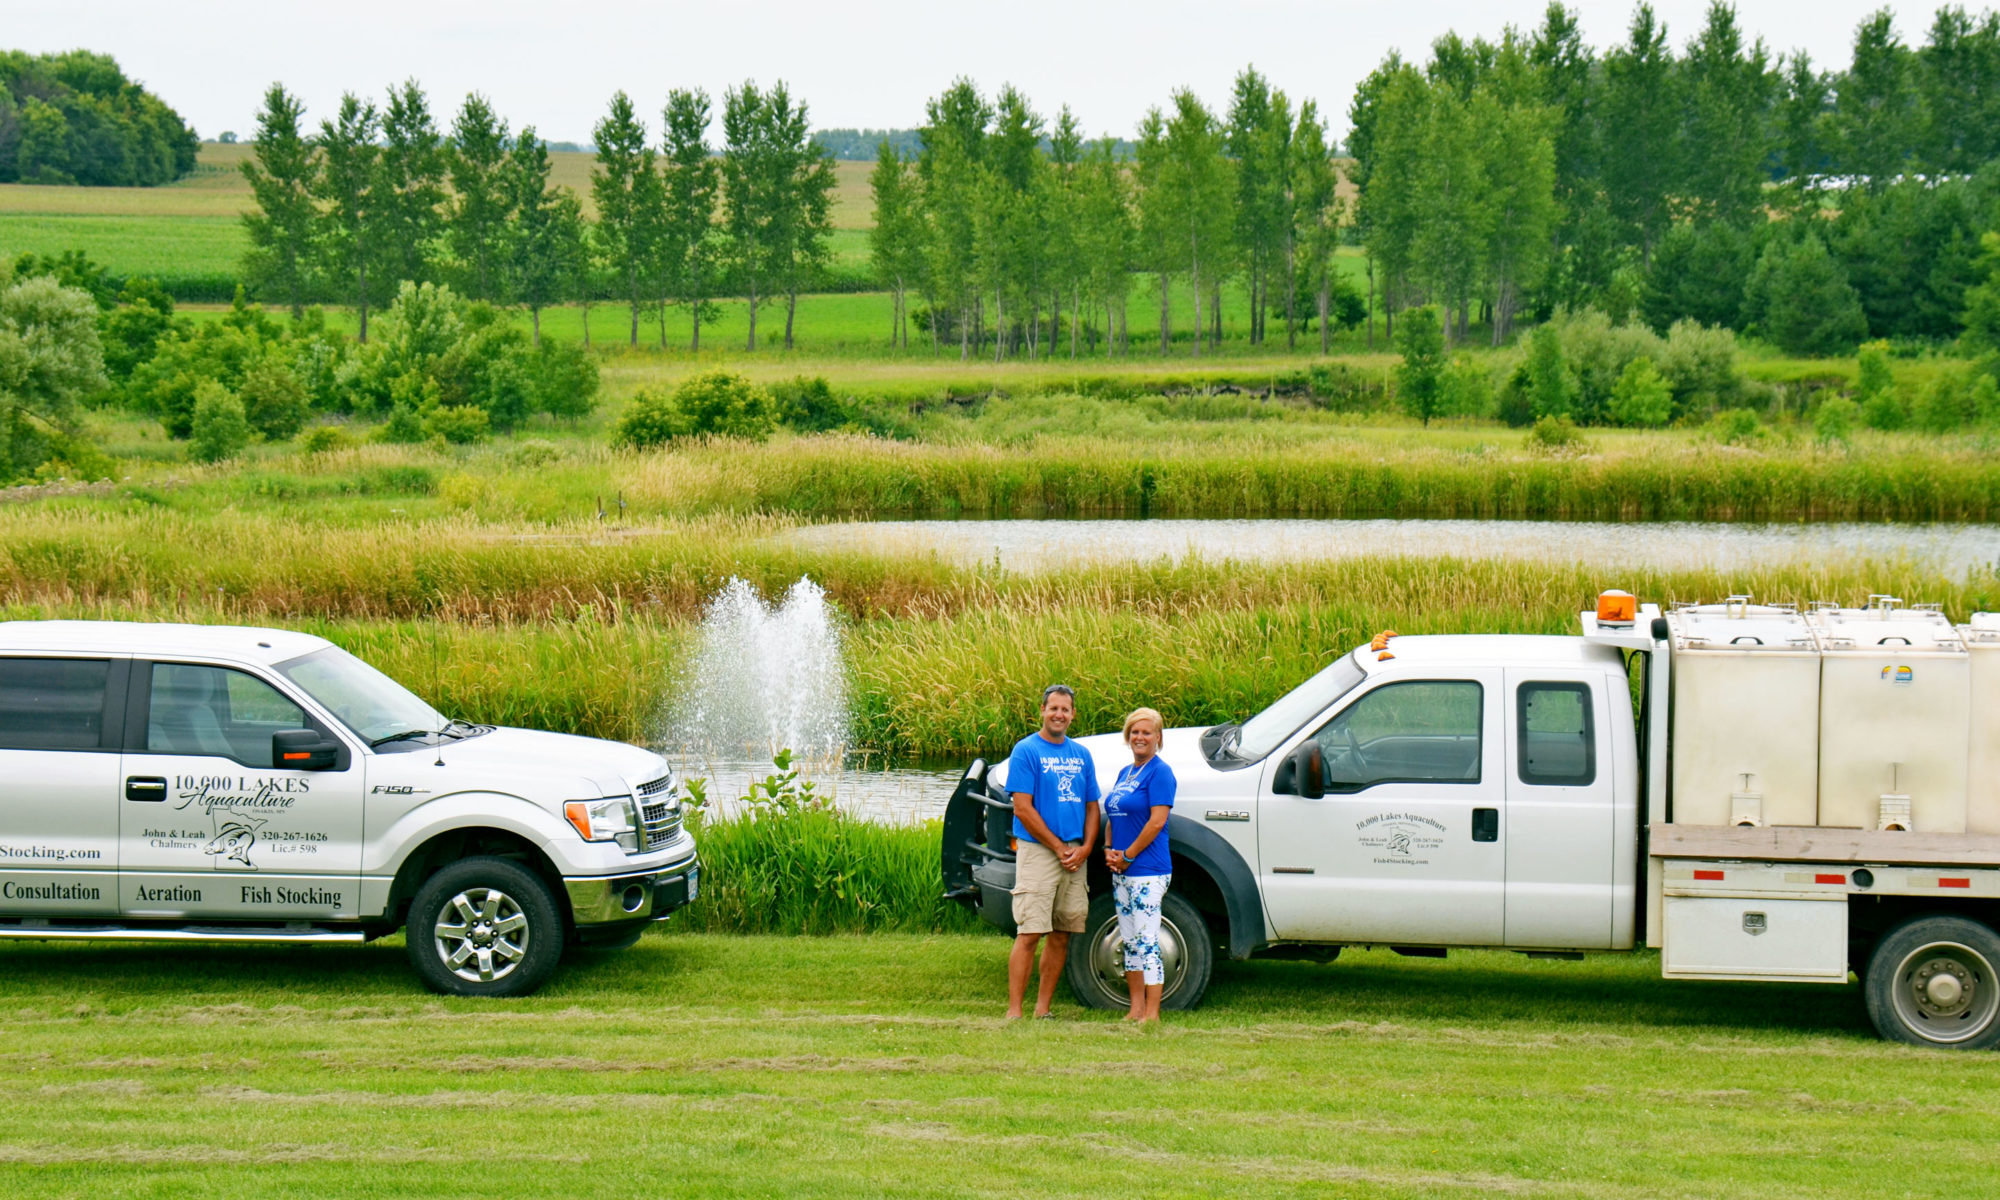 10,000 Lakes Aquaculture